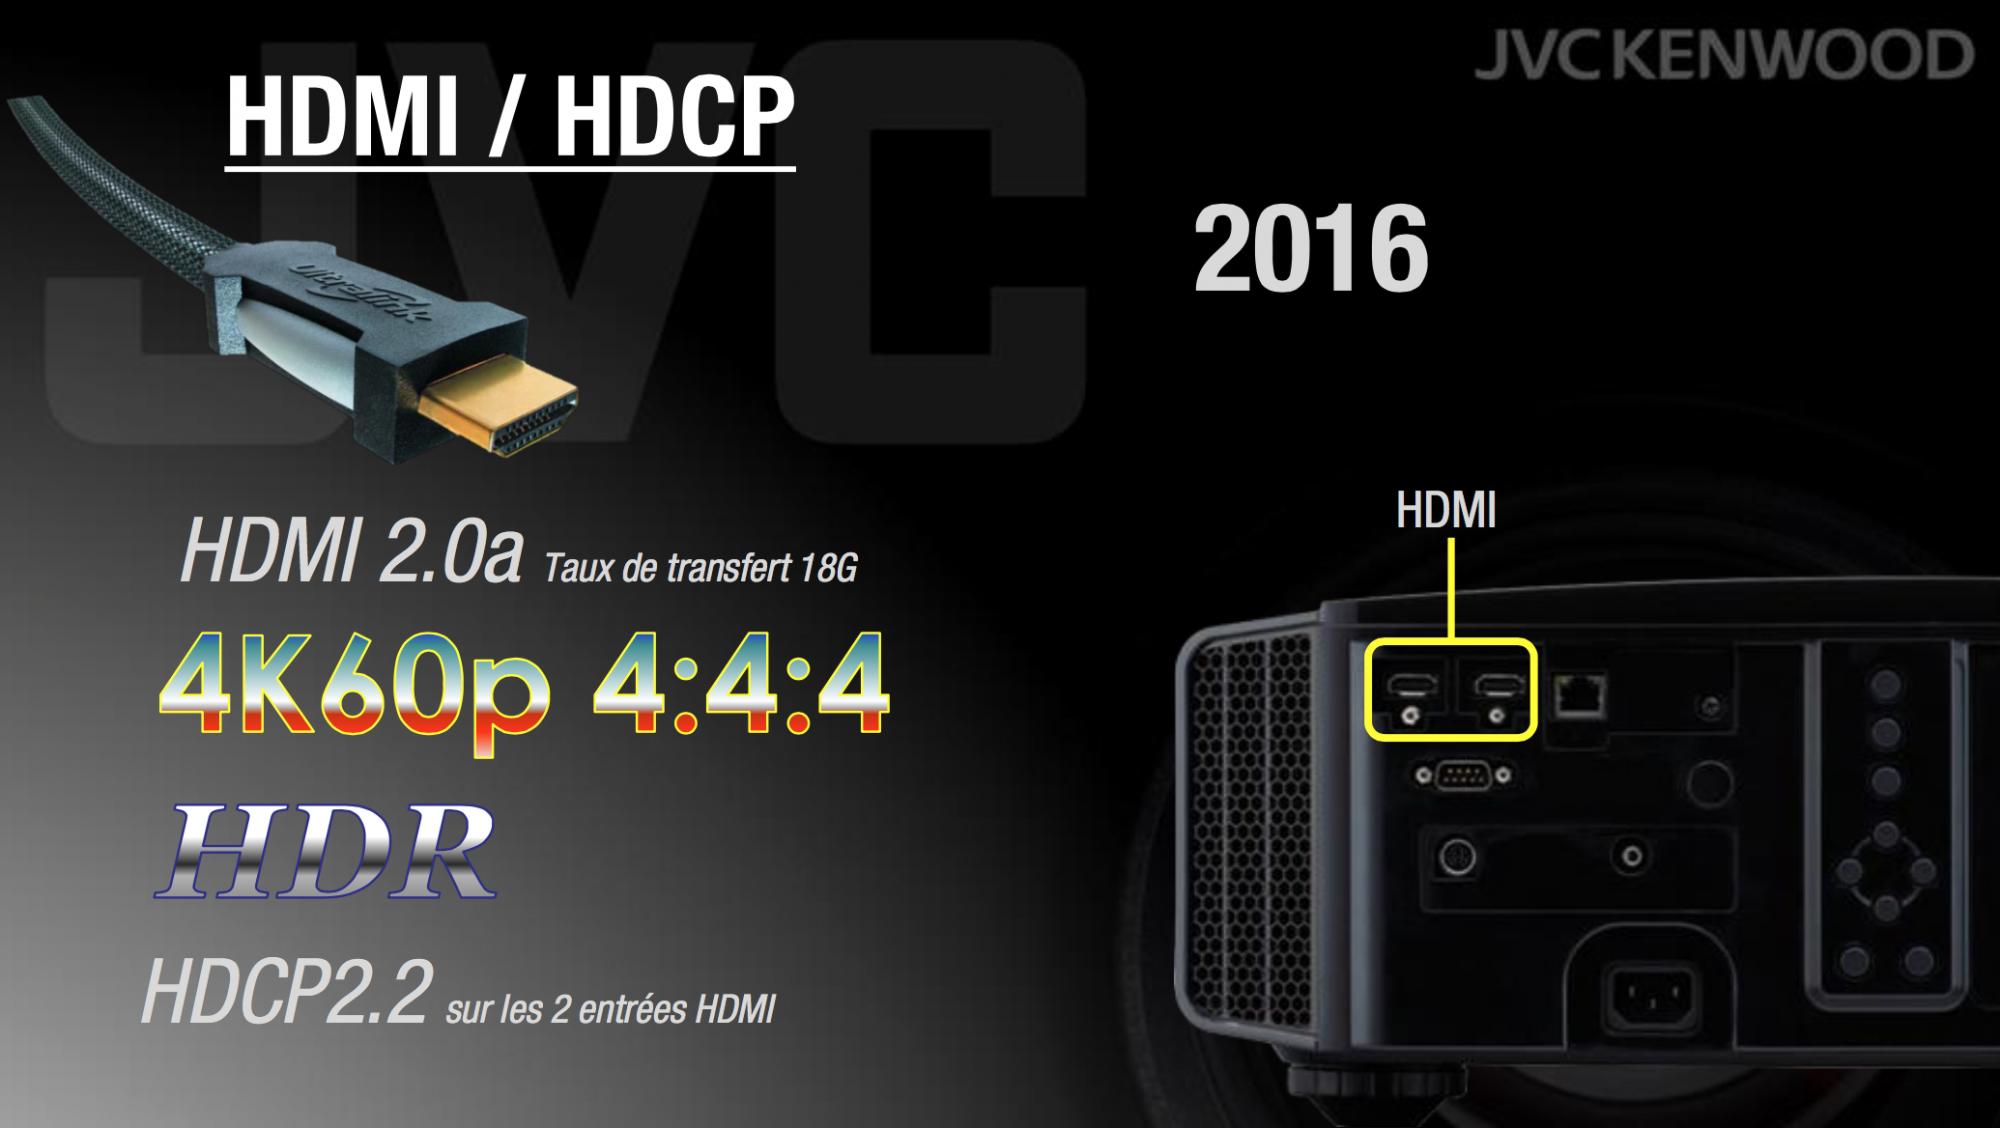 HDMI 2.0a 18G